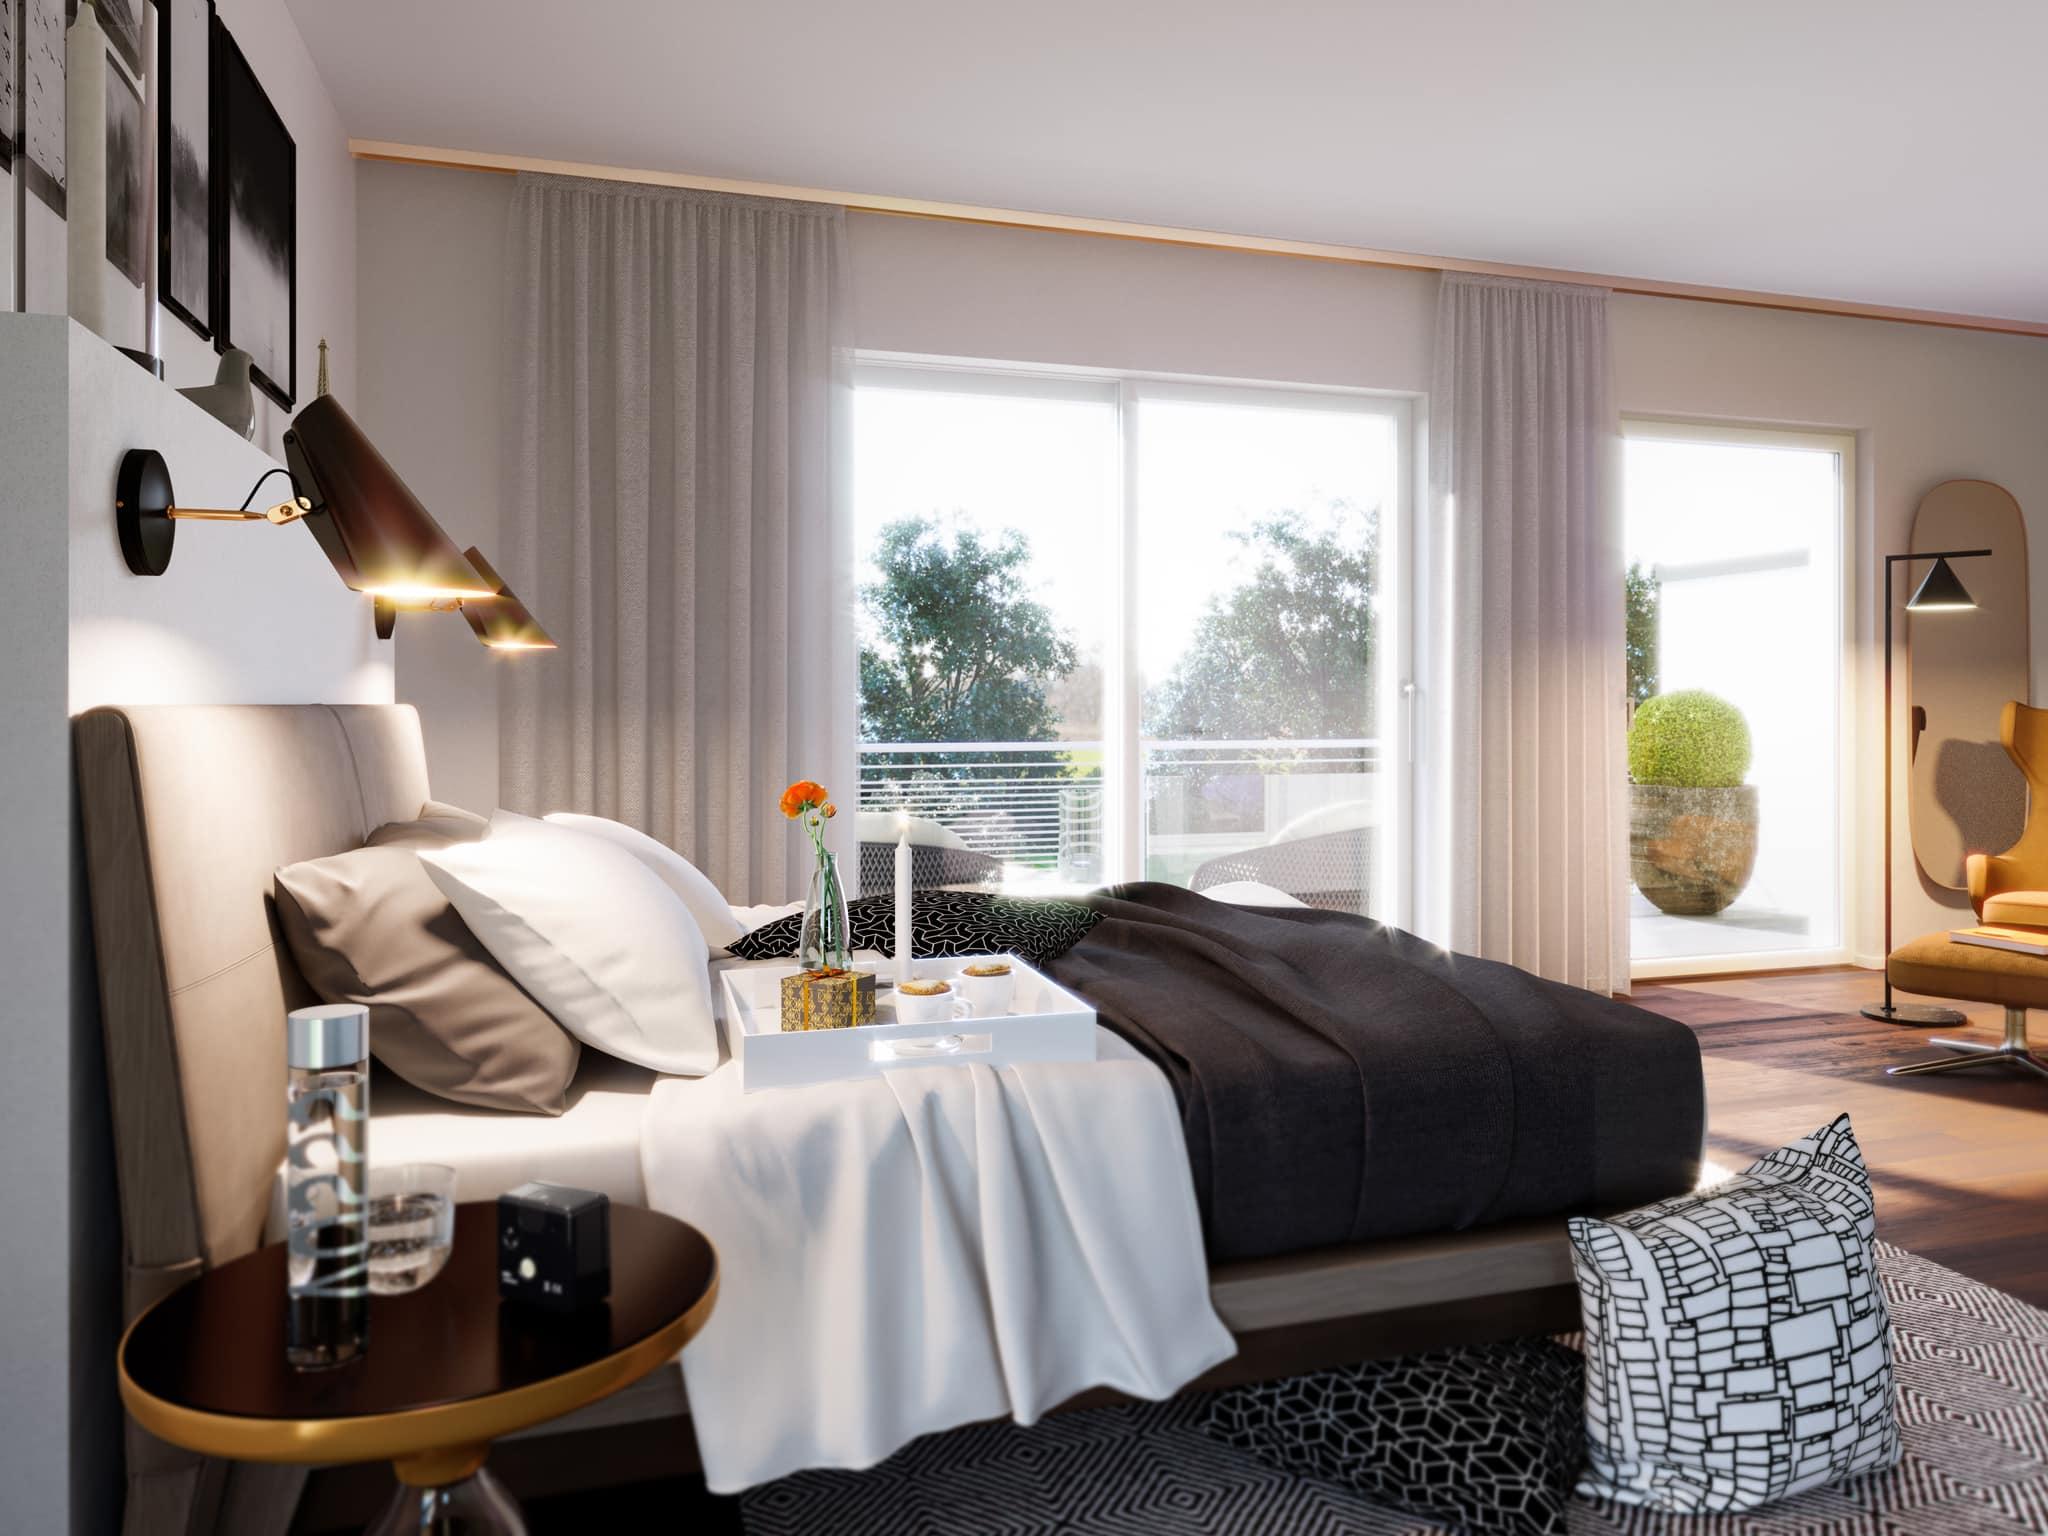 Schlafzimmer Ideen modern - Doppelhaus innen Fertighaus Bien Zenker CELEBRATION 122 V5 XL - HausbauDirekt.de